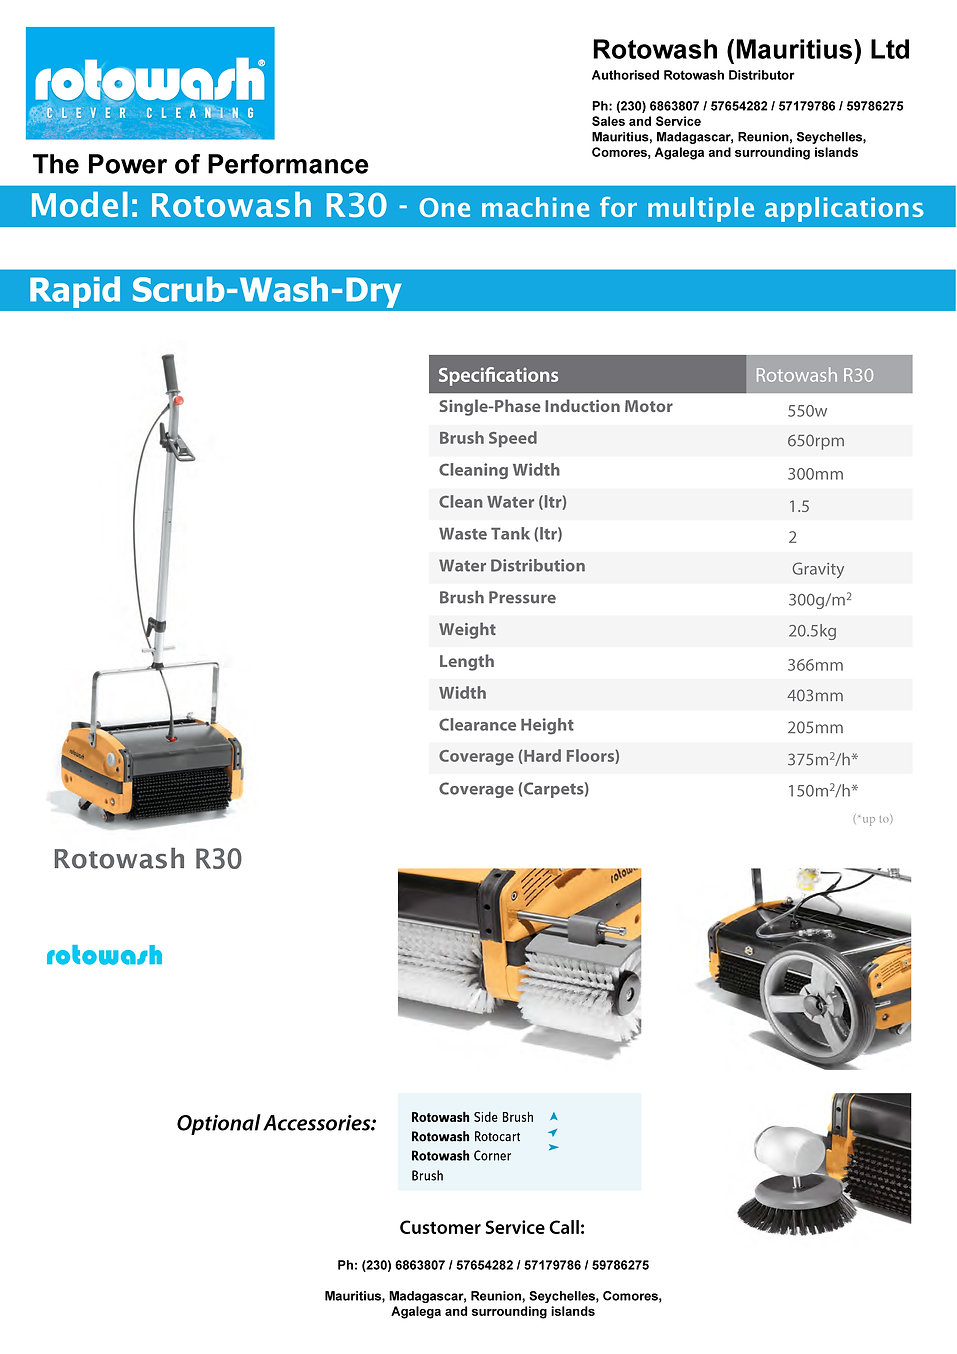 Brochure Rotowash_R30_Page_1.jpg